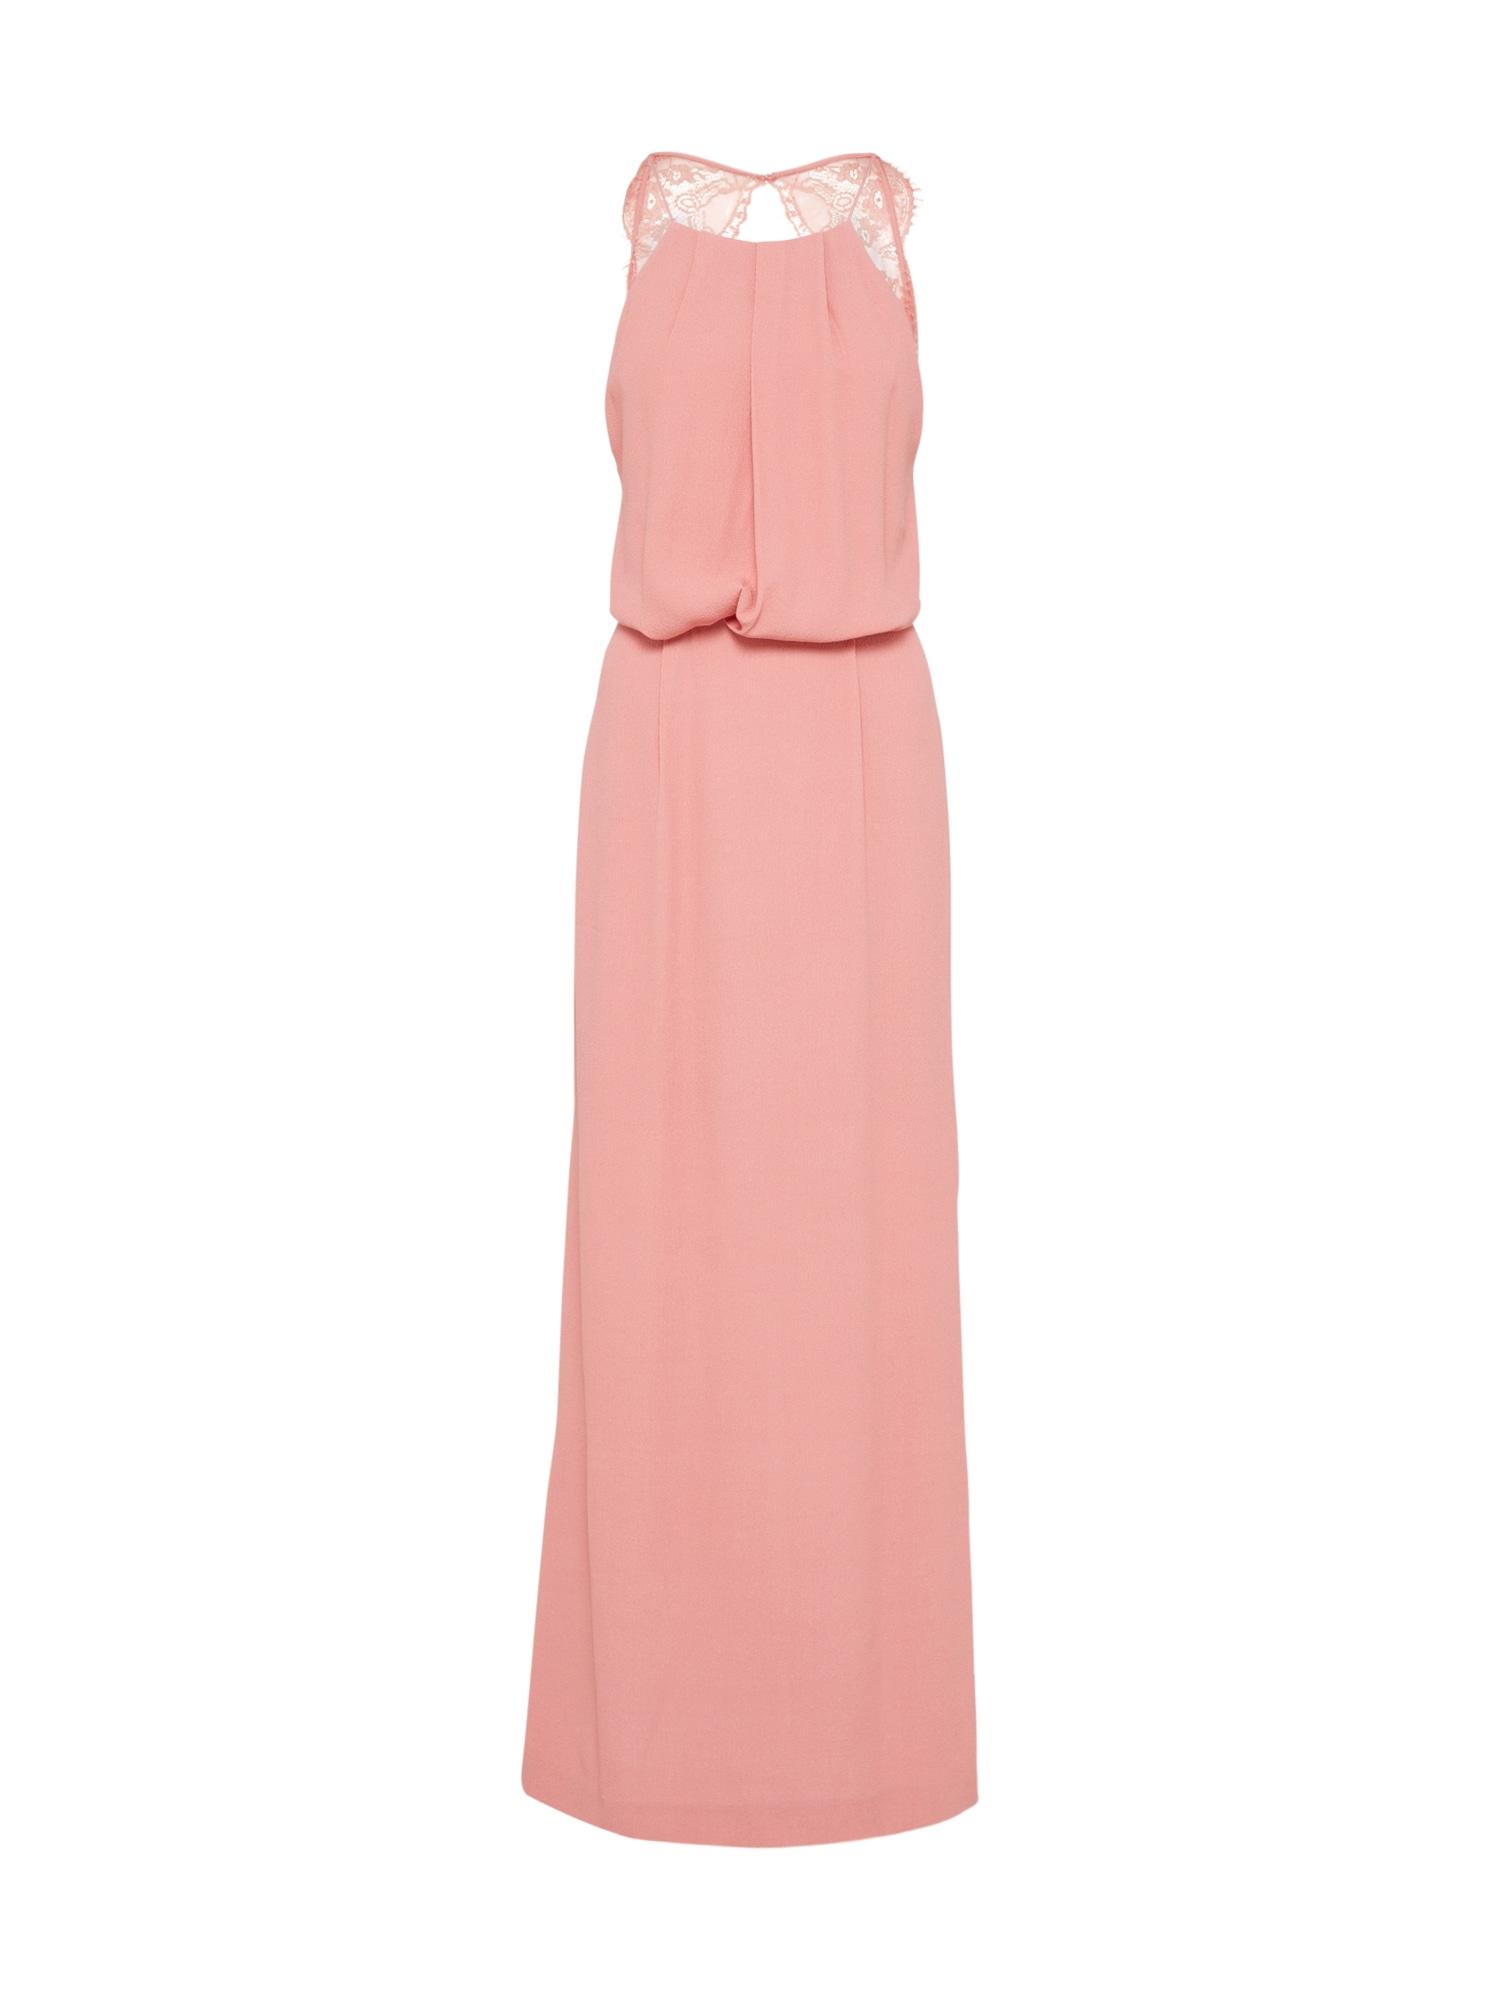 Společenské šaty Willow 5687 růžová Samsoe & Samsoe